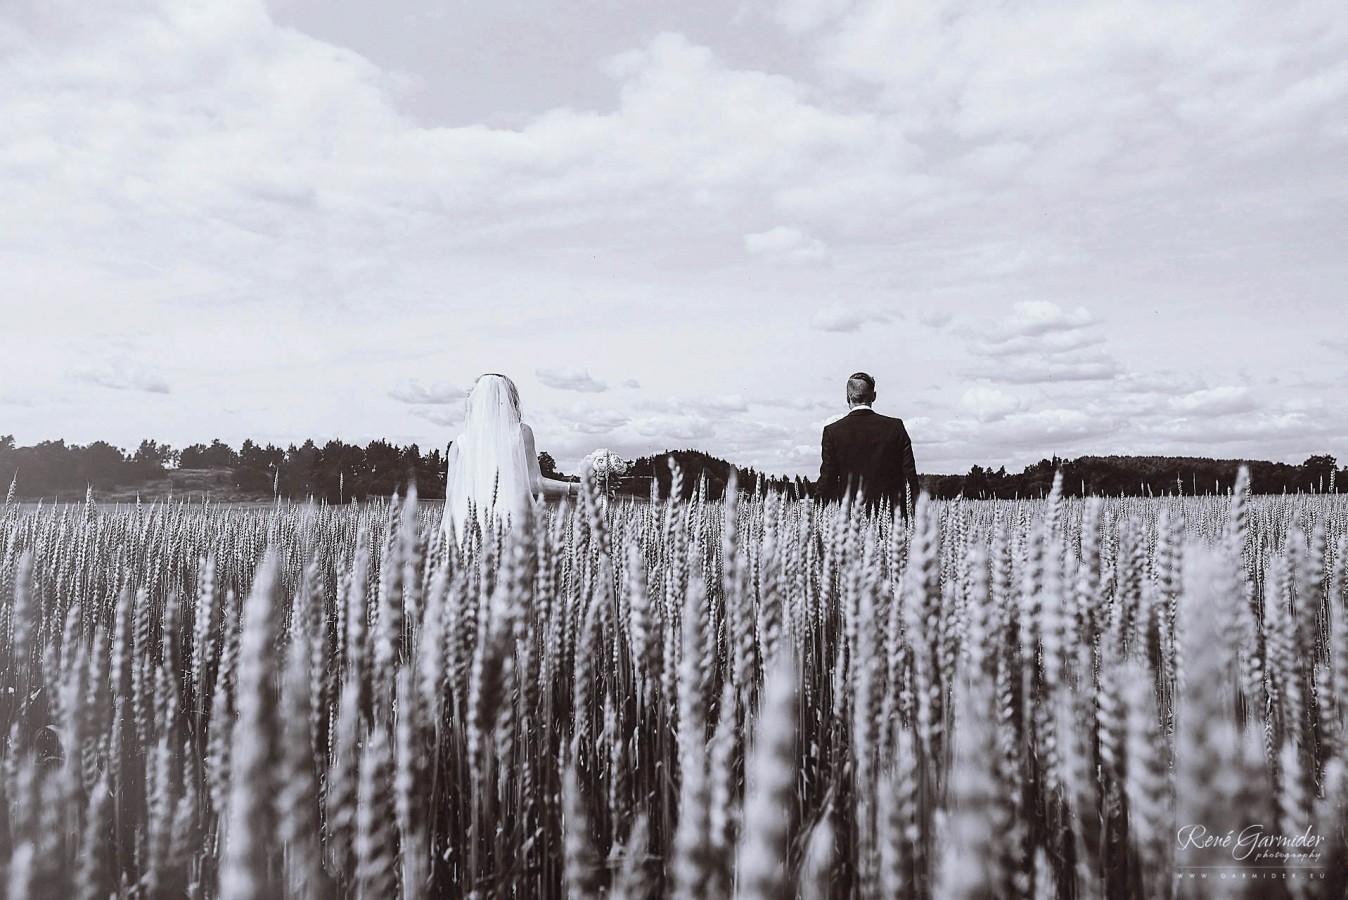 valokuvaaja-salo-haakuvaaja-halikko-mathildedal-emma-josh-3057